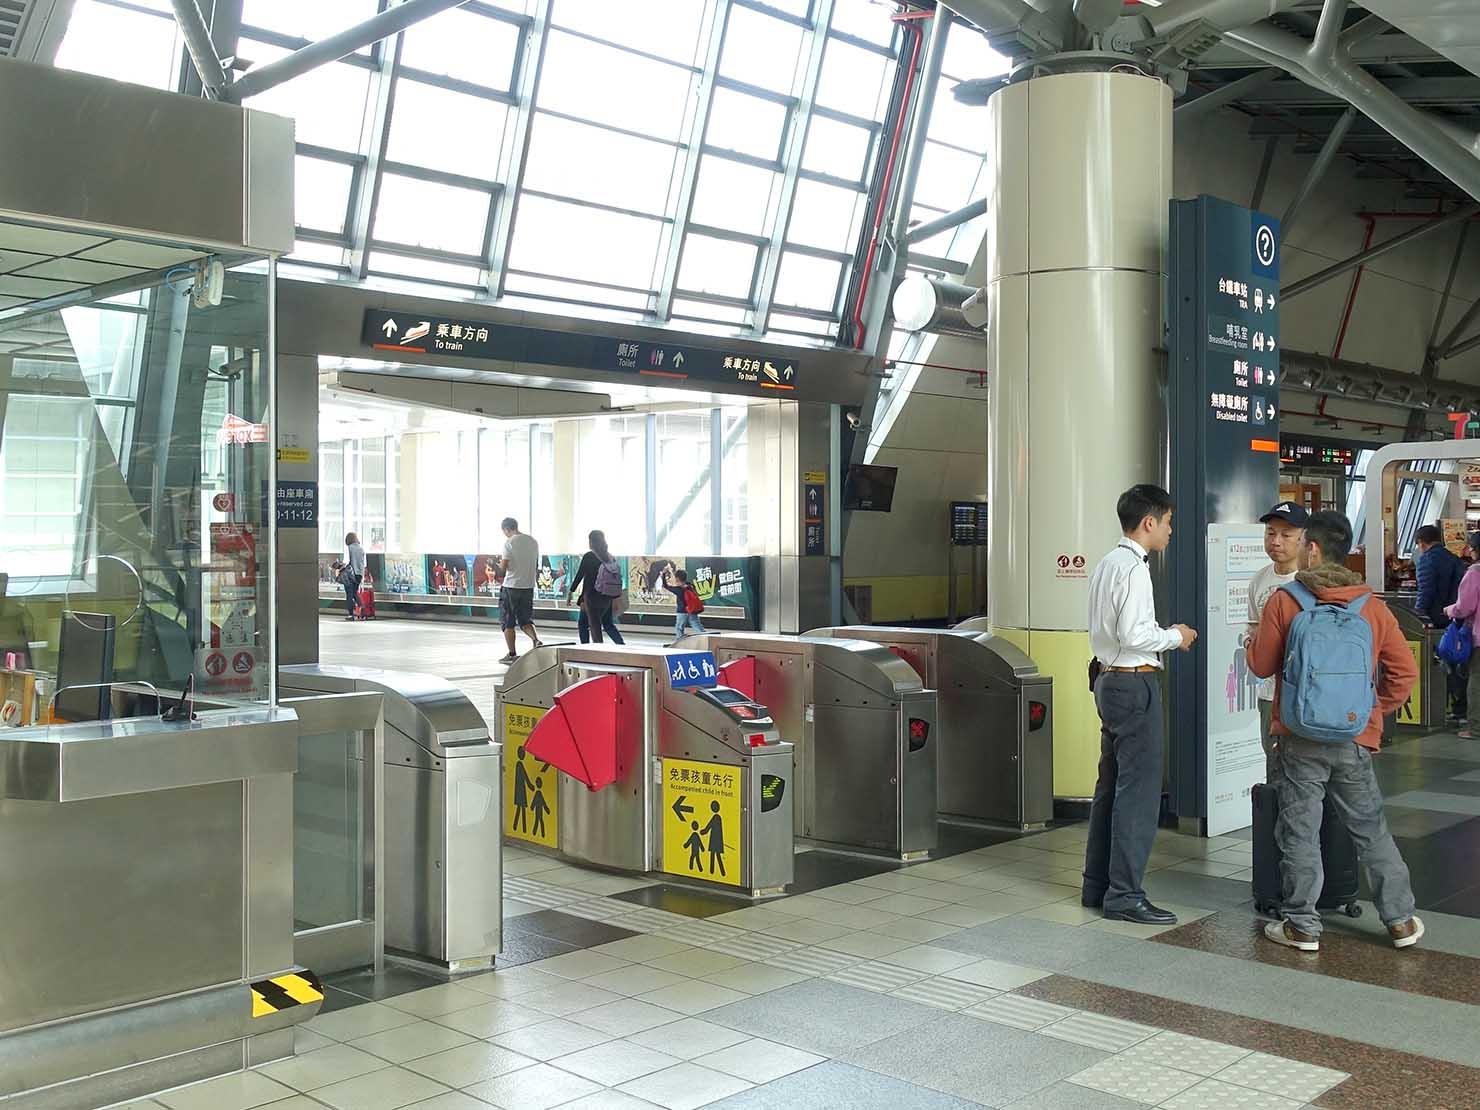 台湾新幹線(高鐵)台南駅の改札